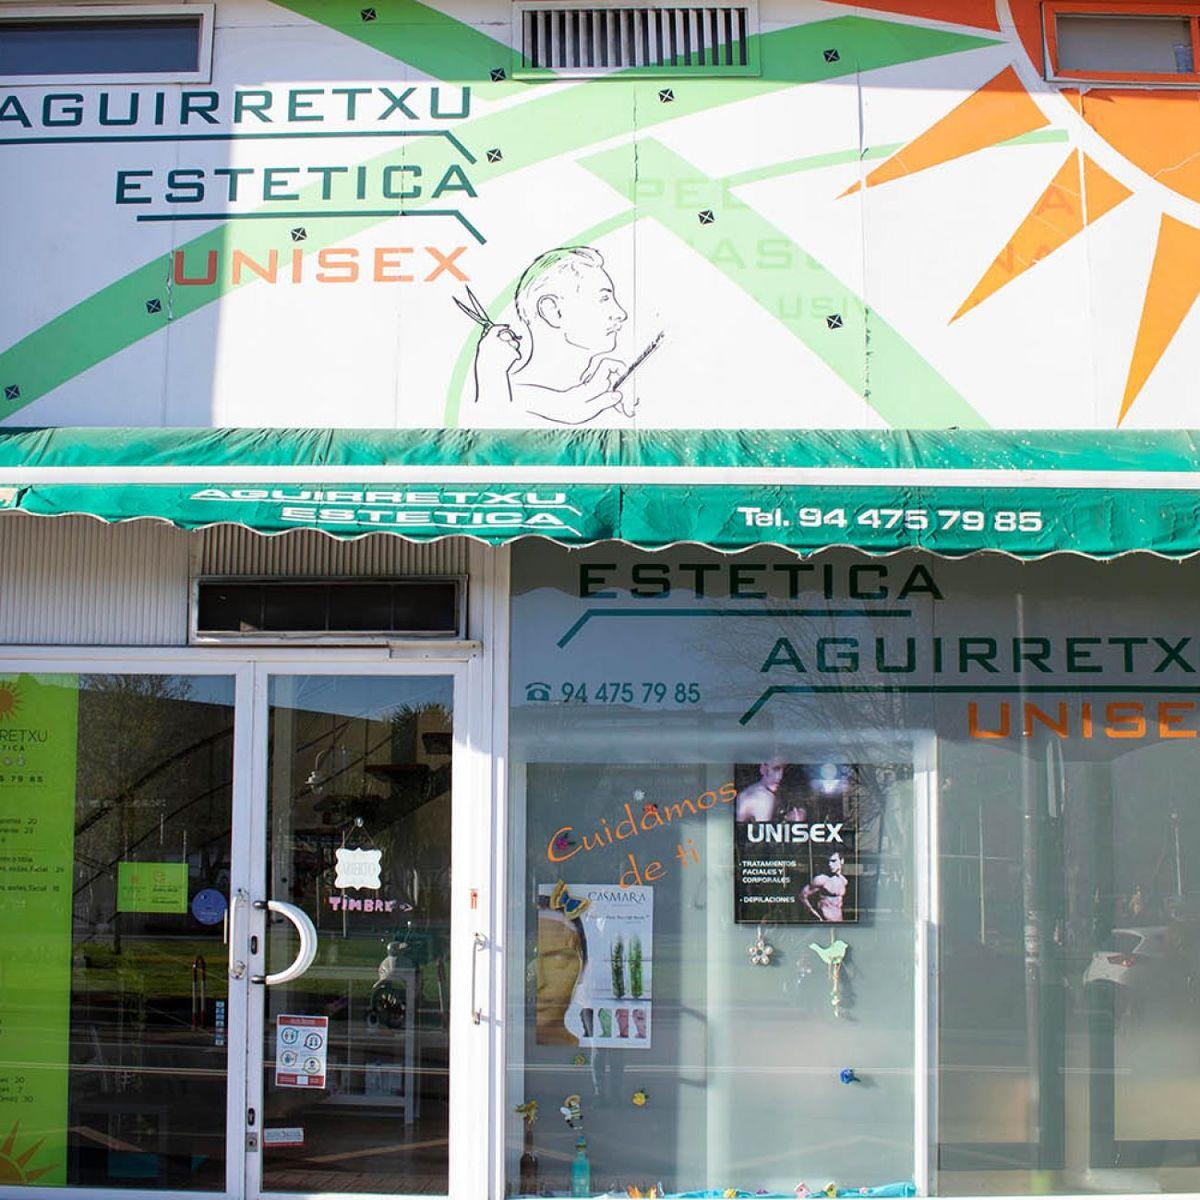 Aguirretxu Estética en Deusto